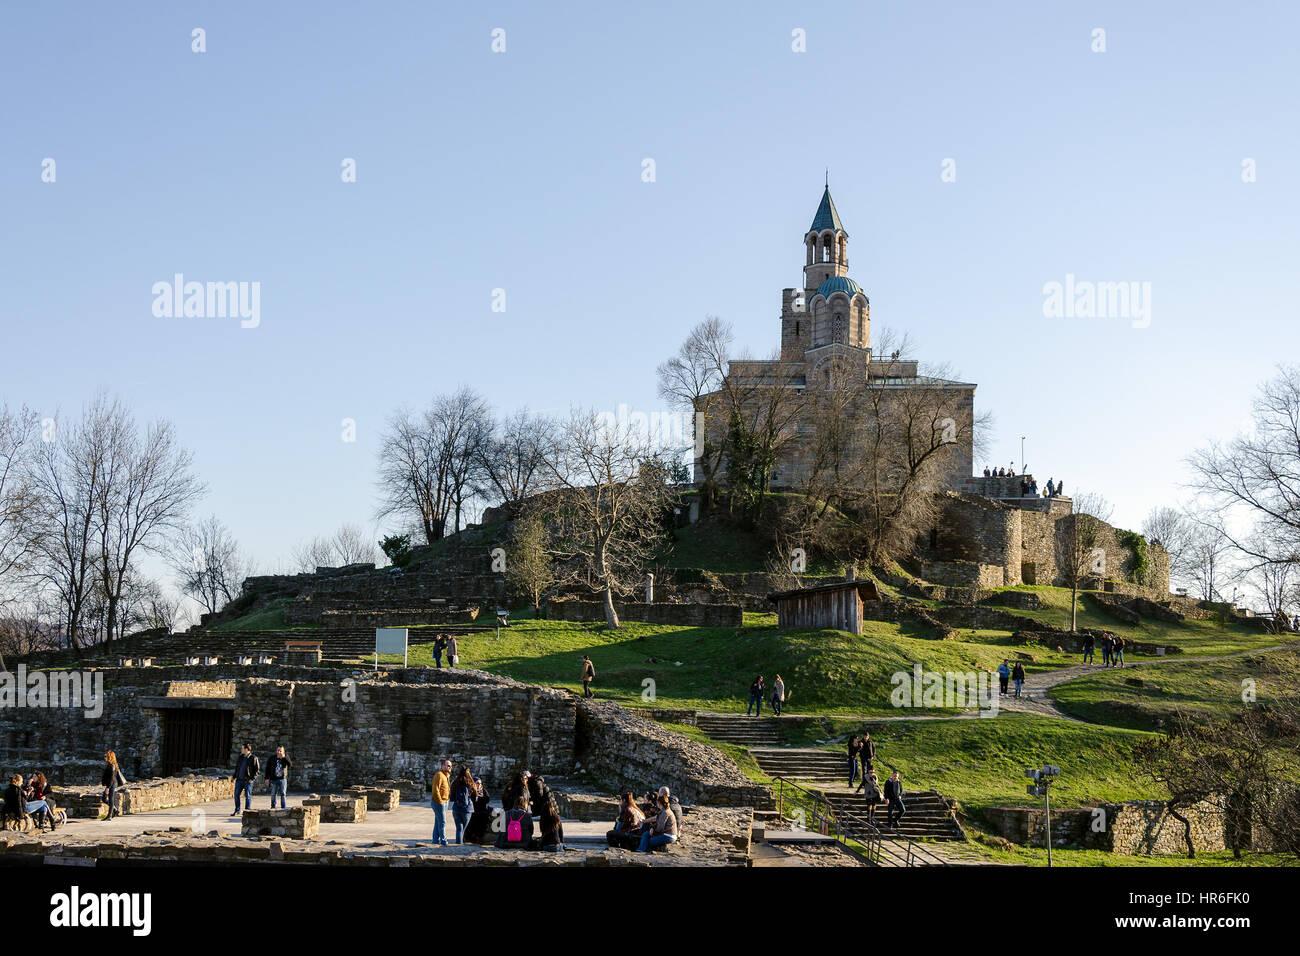 La Iglesia patriarcal en la Fortaleza de Tsarevets y turistas, Veliko Tarnovo, Bulgaria Foto de stock